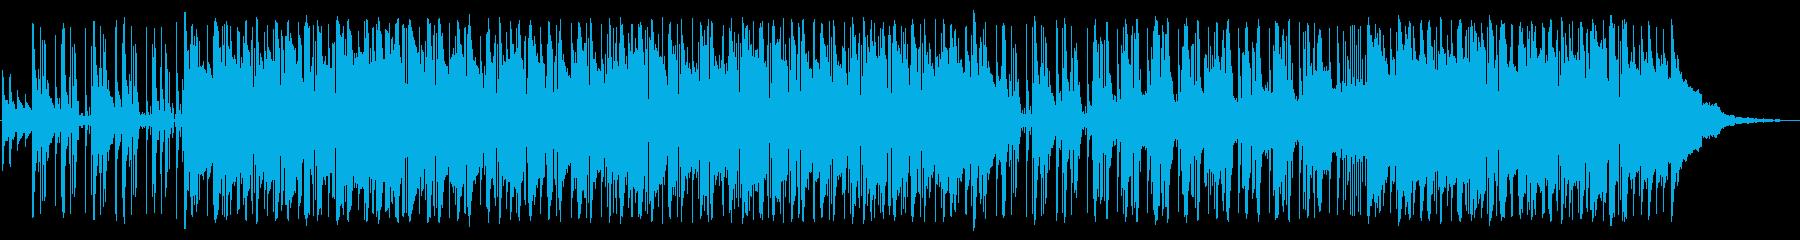 法人 技術的な 感情的 説明的 静...の再生済みの波形